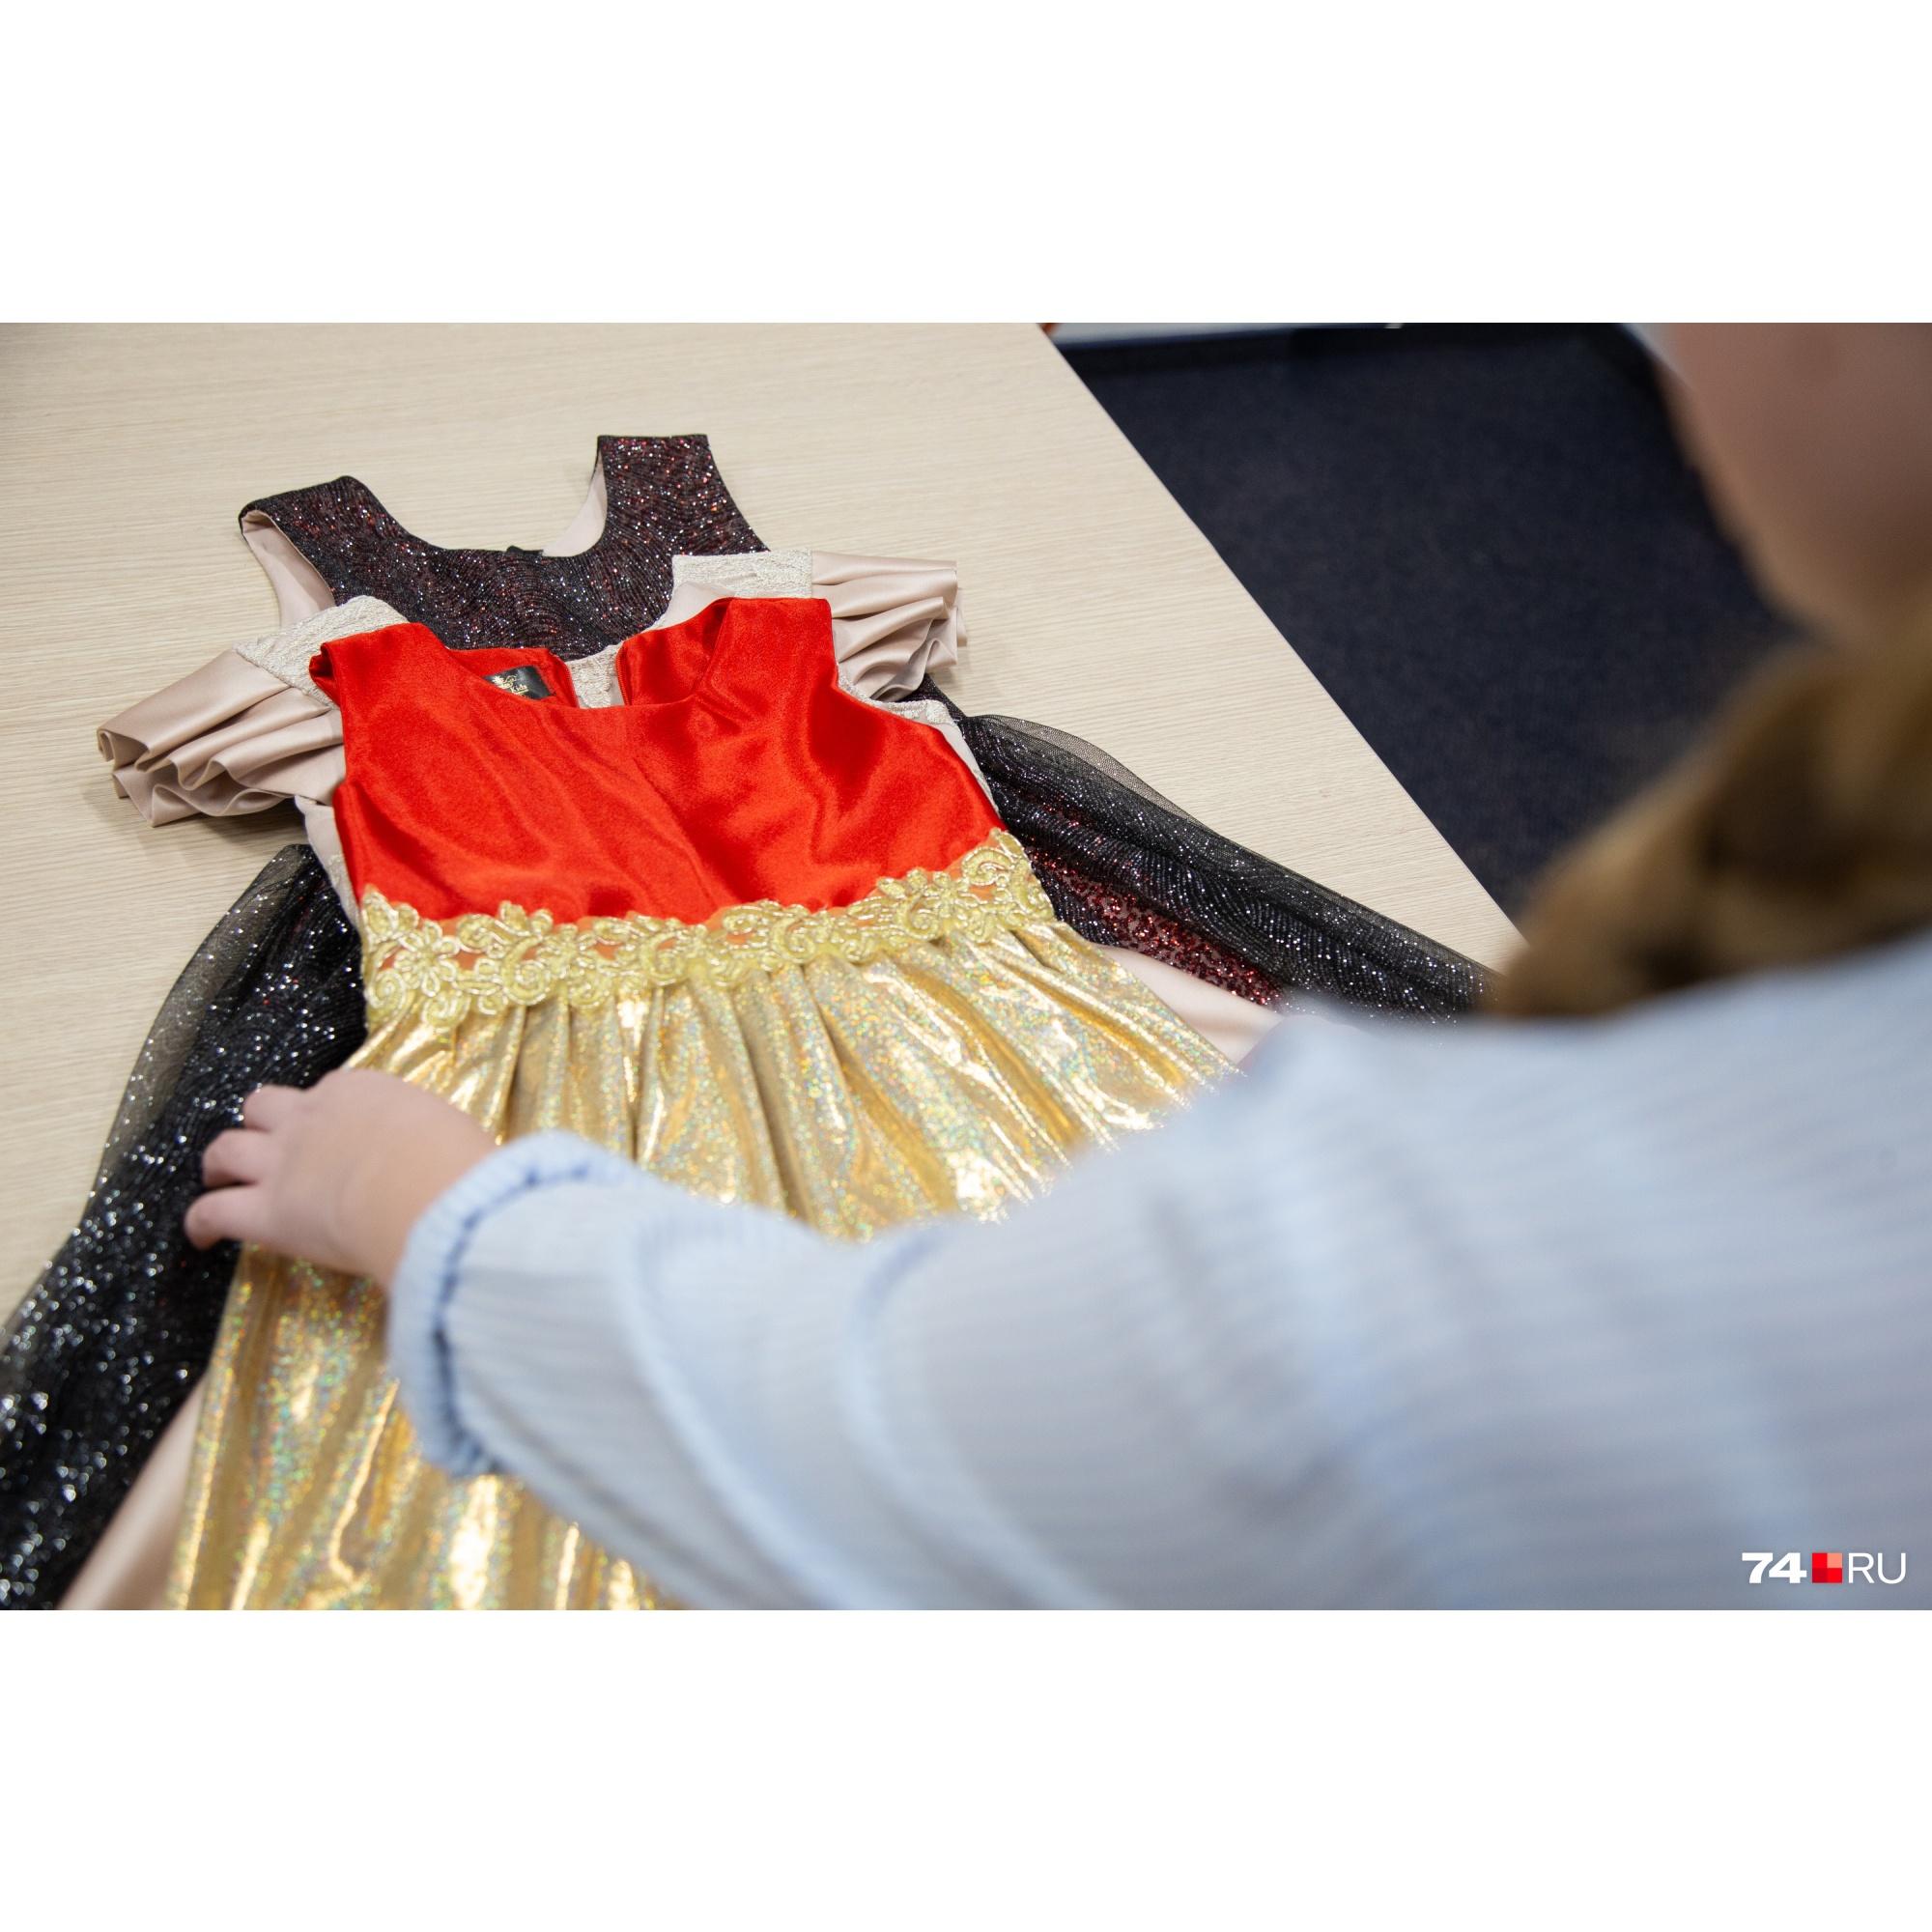 Эти три платья были на показе в Италии